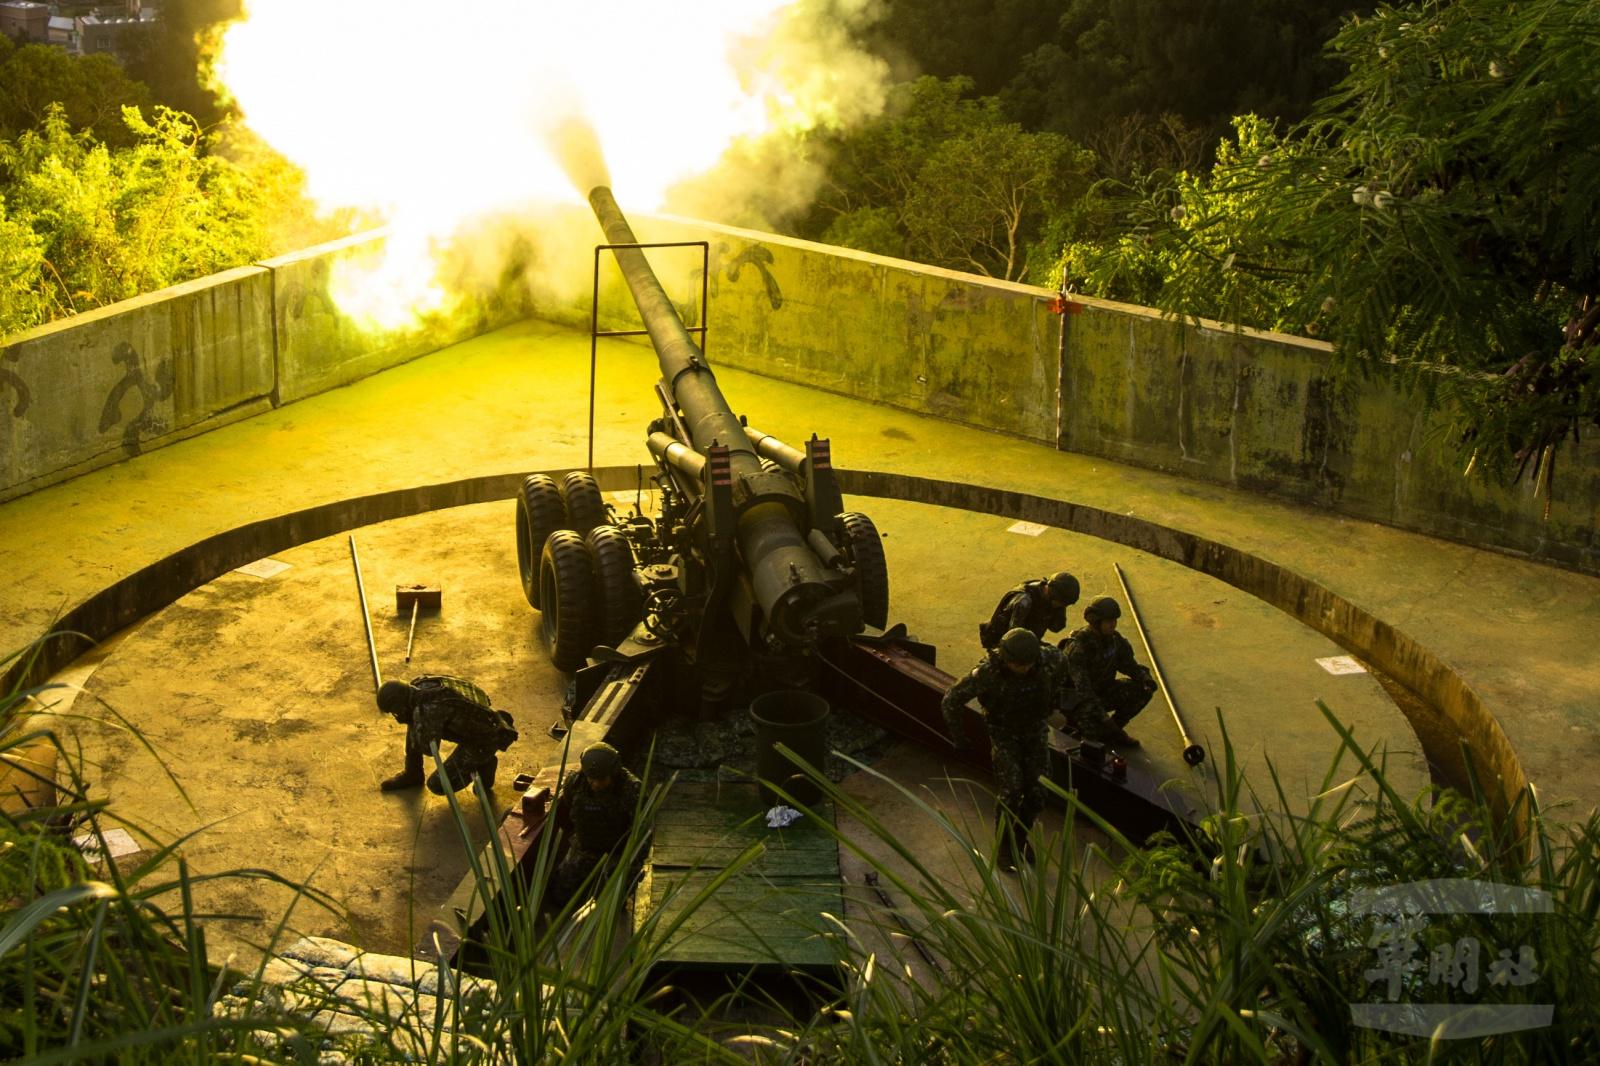 美軍航母軍演航行路線逐漸靠向台灣,美軍核動力攻擊潛艇緊跟隨航母打擊群巡弋;美中反潛機、潛艇暗中部署;美台軍事演習被指同步工作。台灣9月25日於馬祖群島舉行實彈「聯合反登陸作戰」,包括摧毀力超強、具「砲王」榮稱的240毫米榴砲。台灣成功試射「無限高」中程導彈。(圖片取自台灣國防部、圖/文 軍聞社周昇煒)